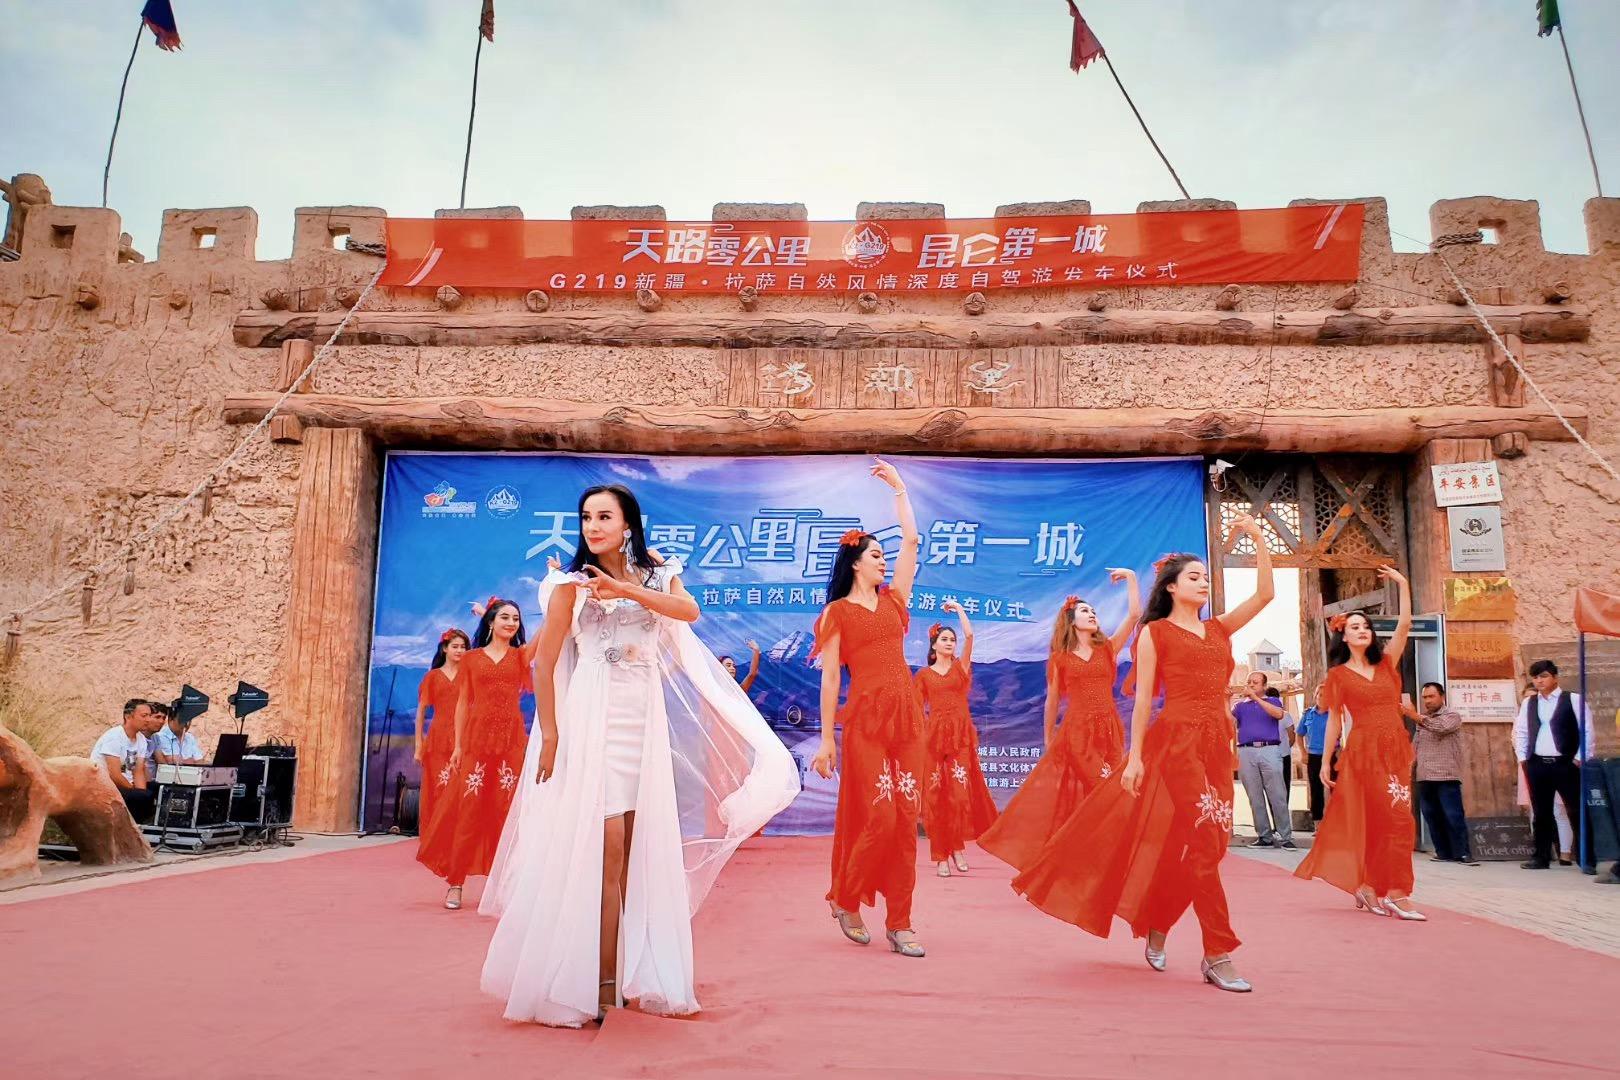 新疆叶城·西藏拉萨自然风情深度自驾游活动正式启幕